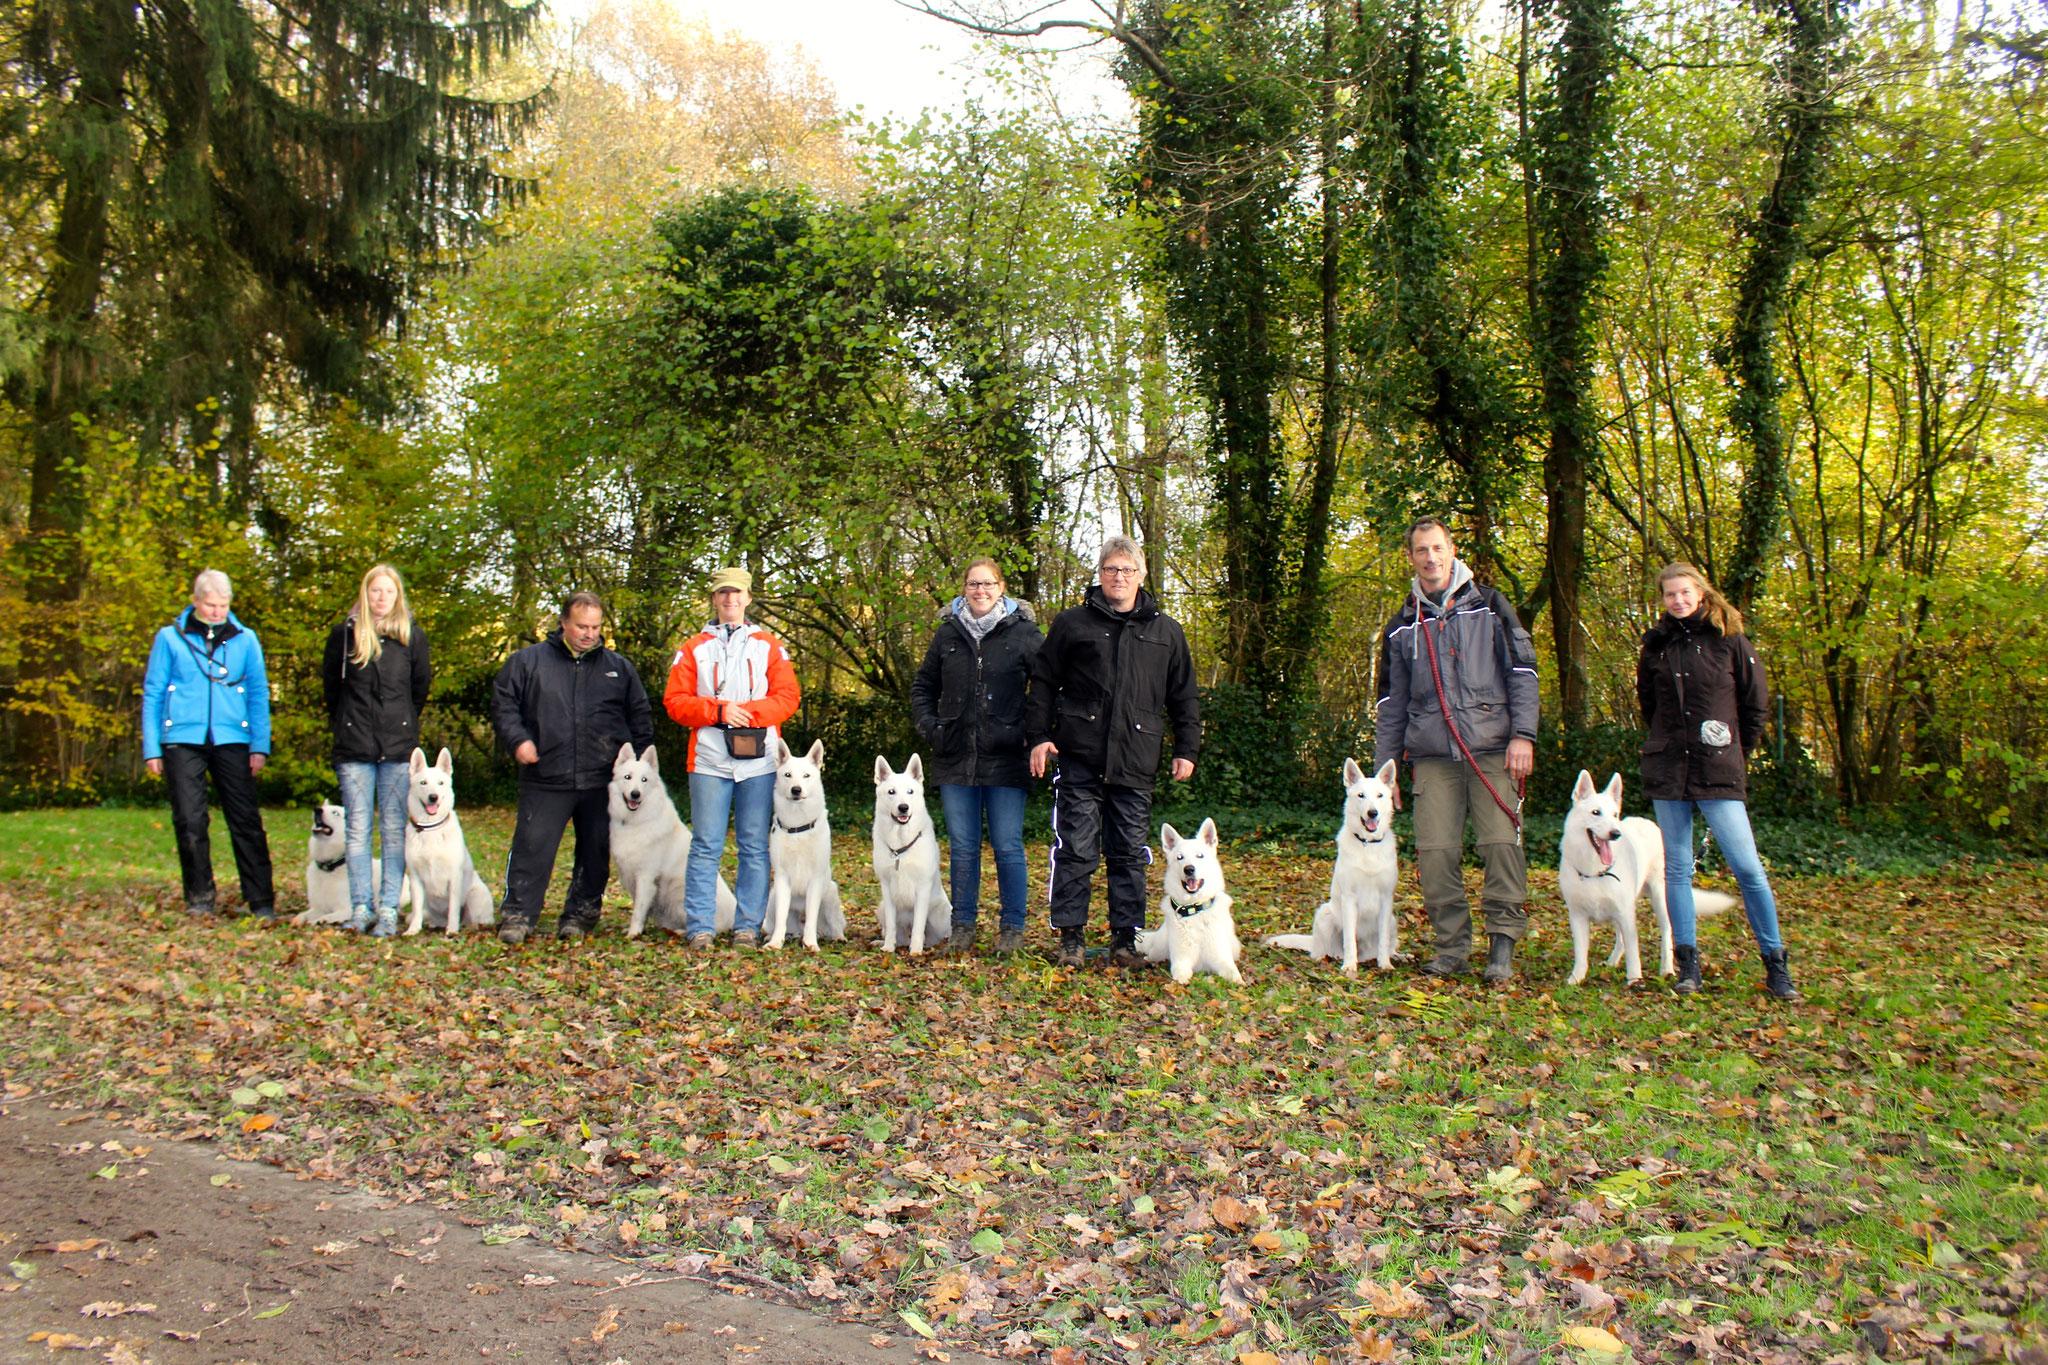 von links nach rechts: Flaco, Akira, Prince, Buddy, Dexter, Nikan, Breeze, Milow (Aiyana war leider nicht mehr da)